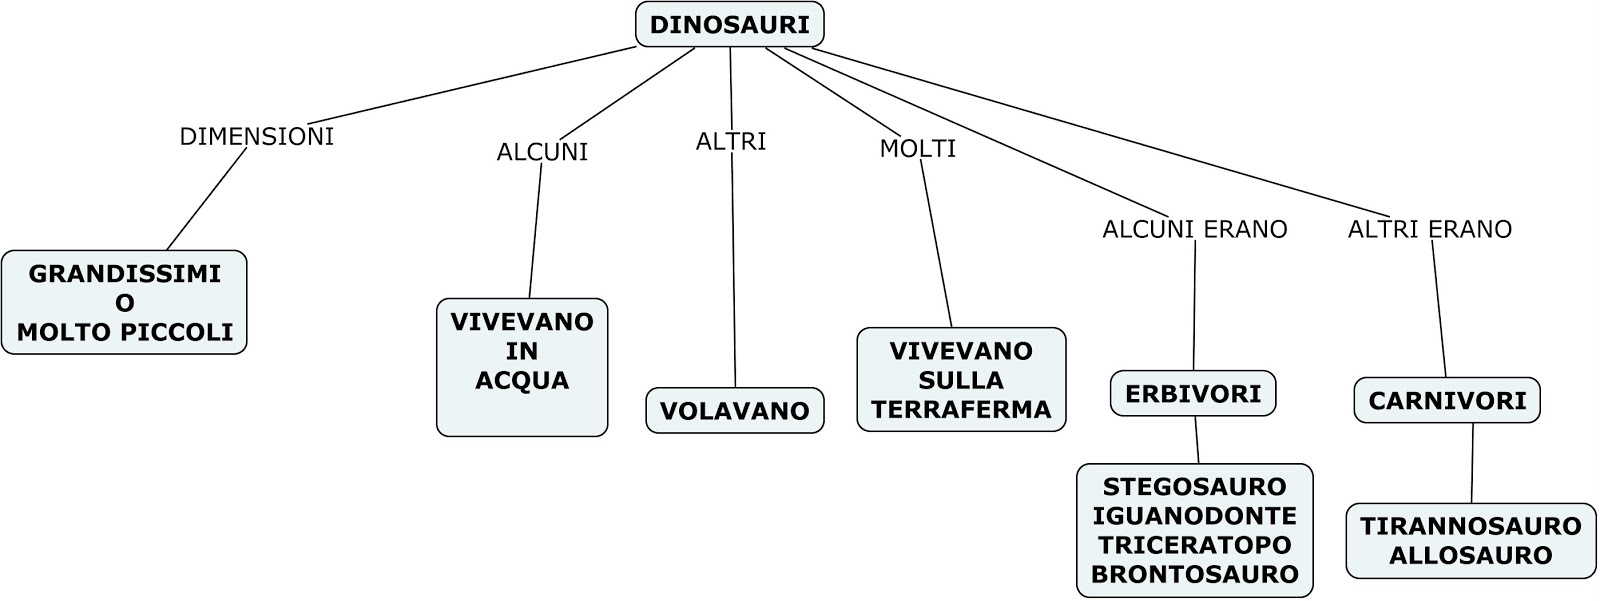 spesso Storia terza: mappe concettuali era secondaria, dinosauri  UE22